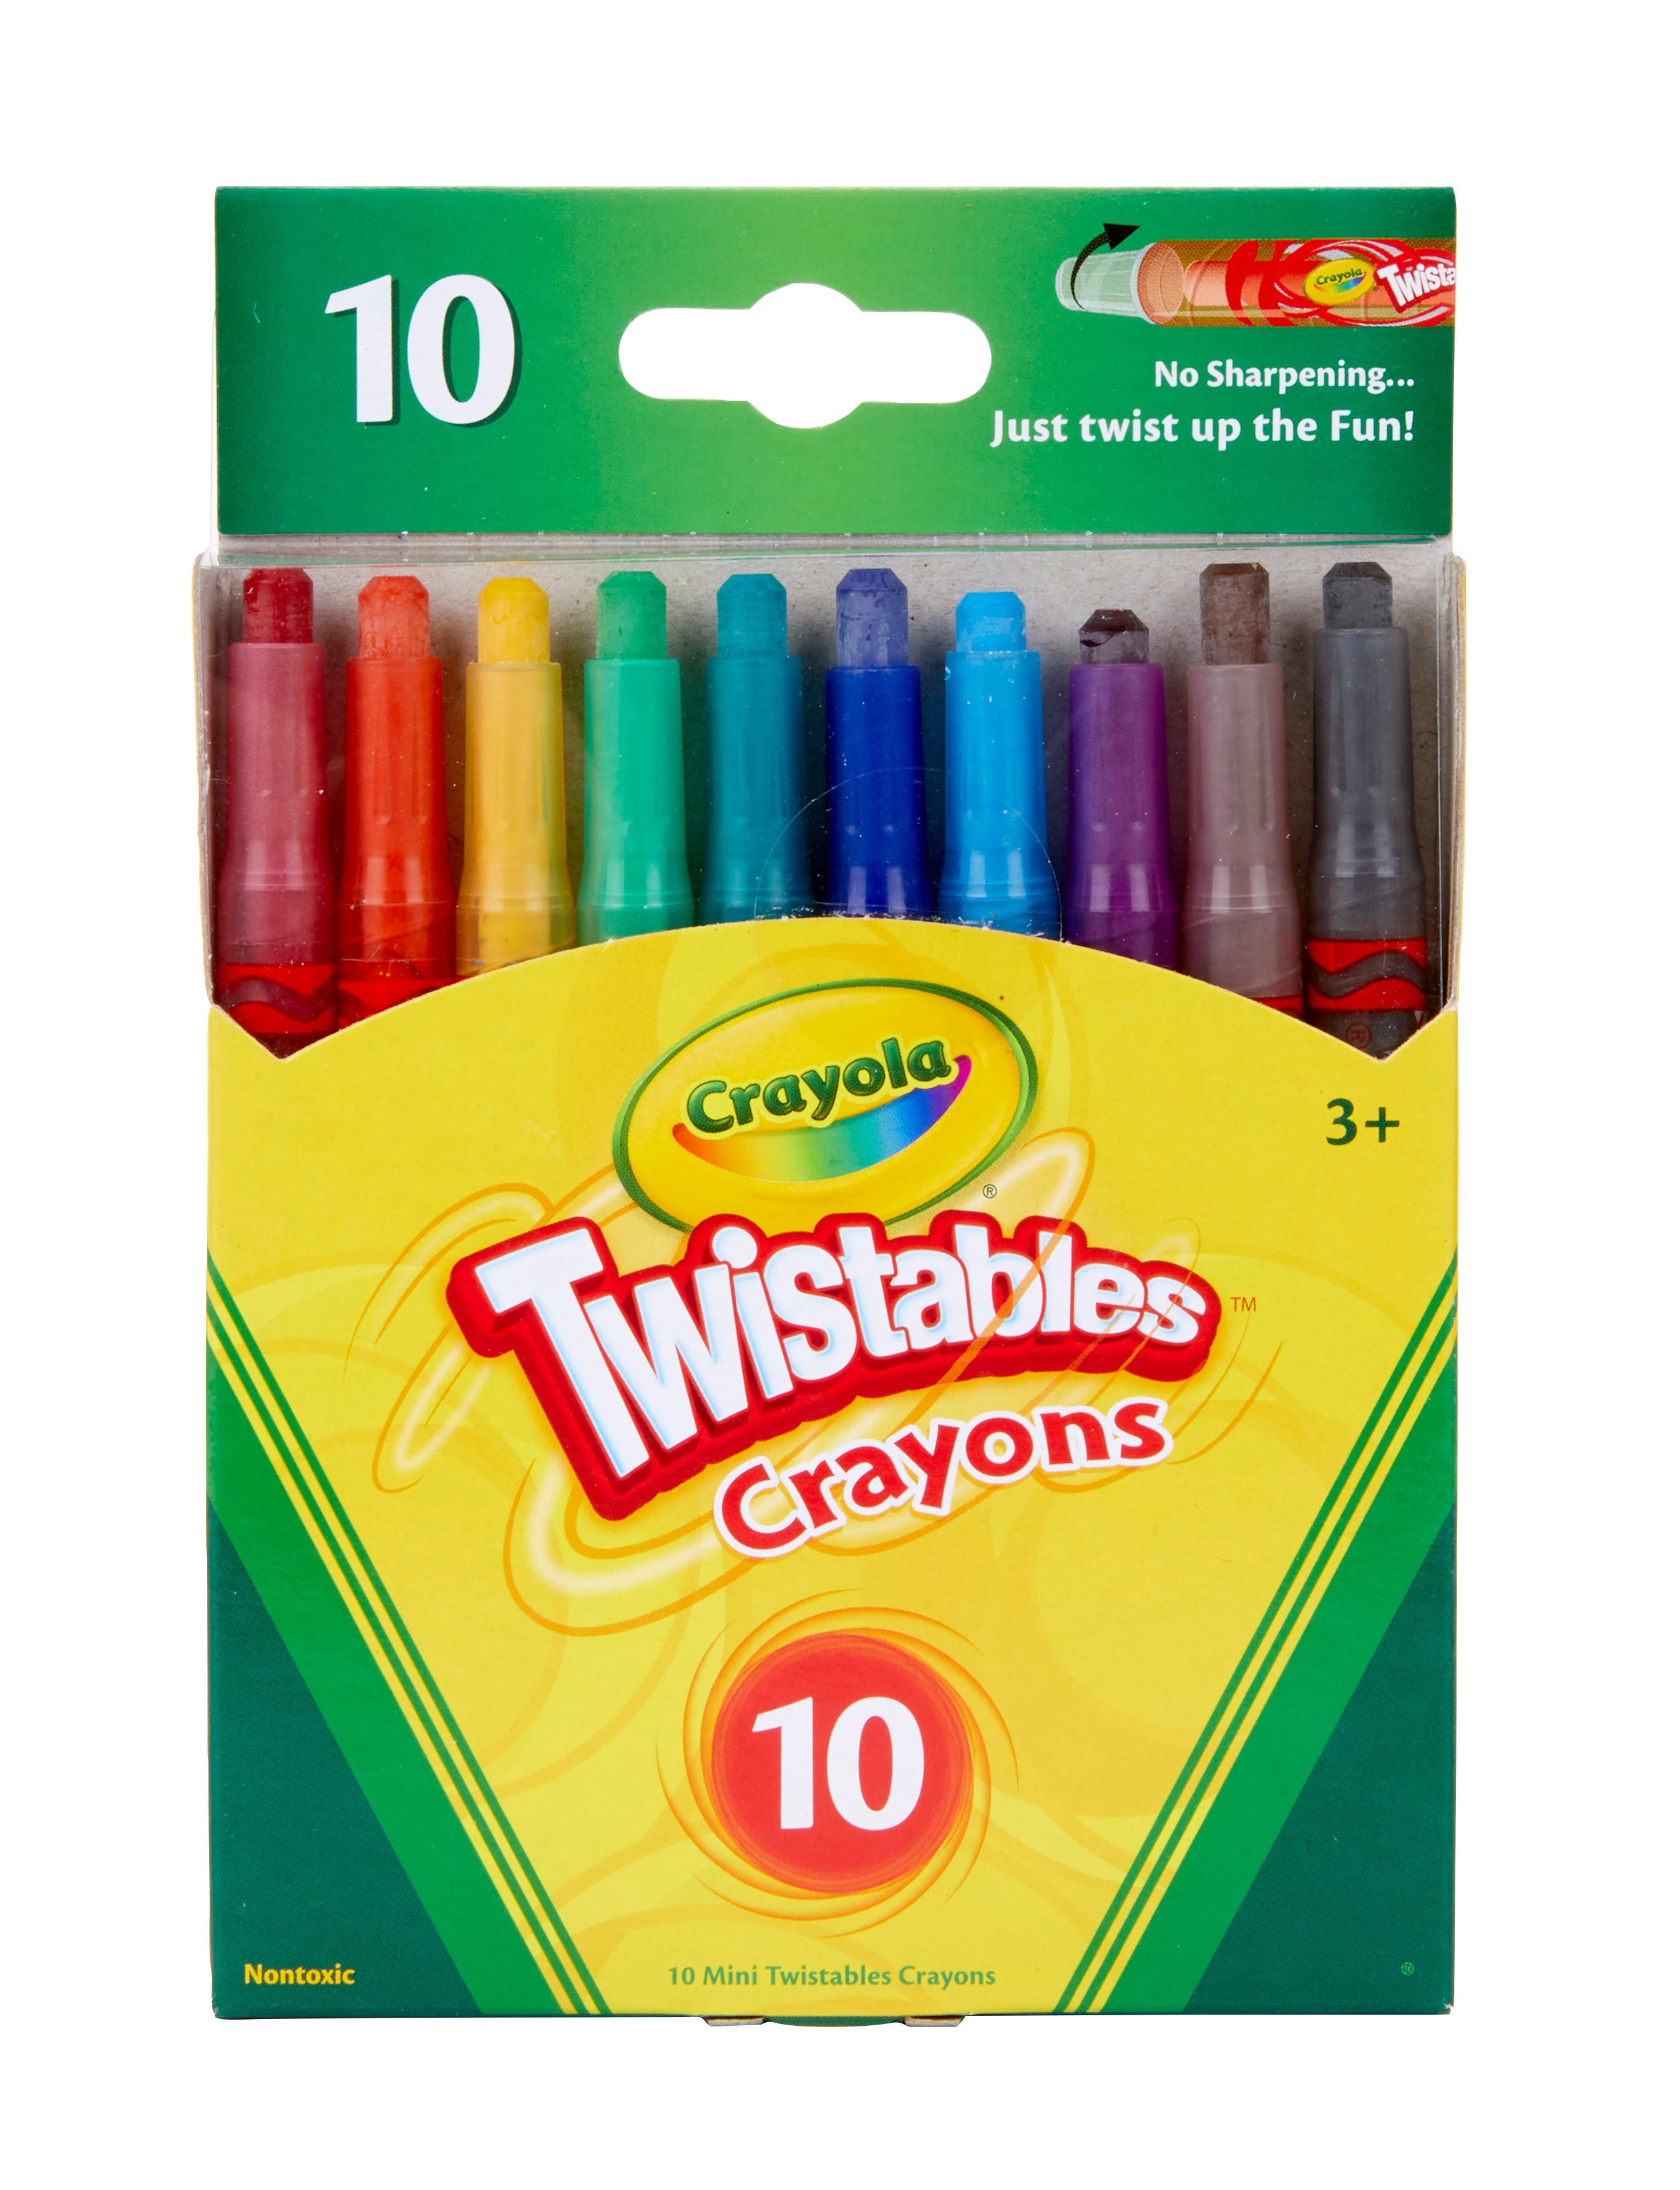 10-ct. Crayola Twistables Crayons Coloring Set $1.97 - Amazon